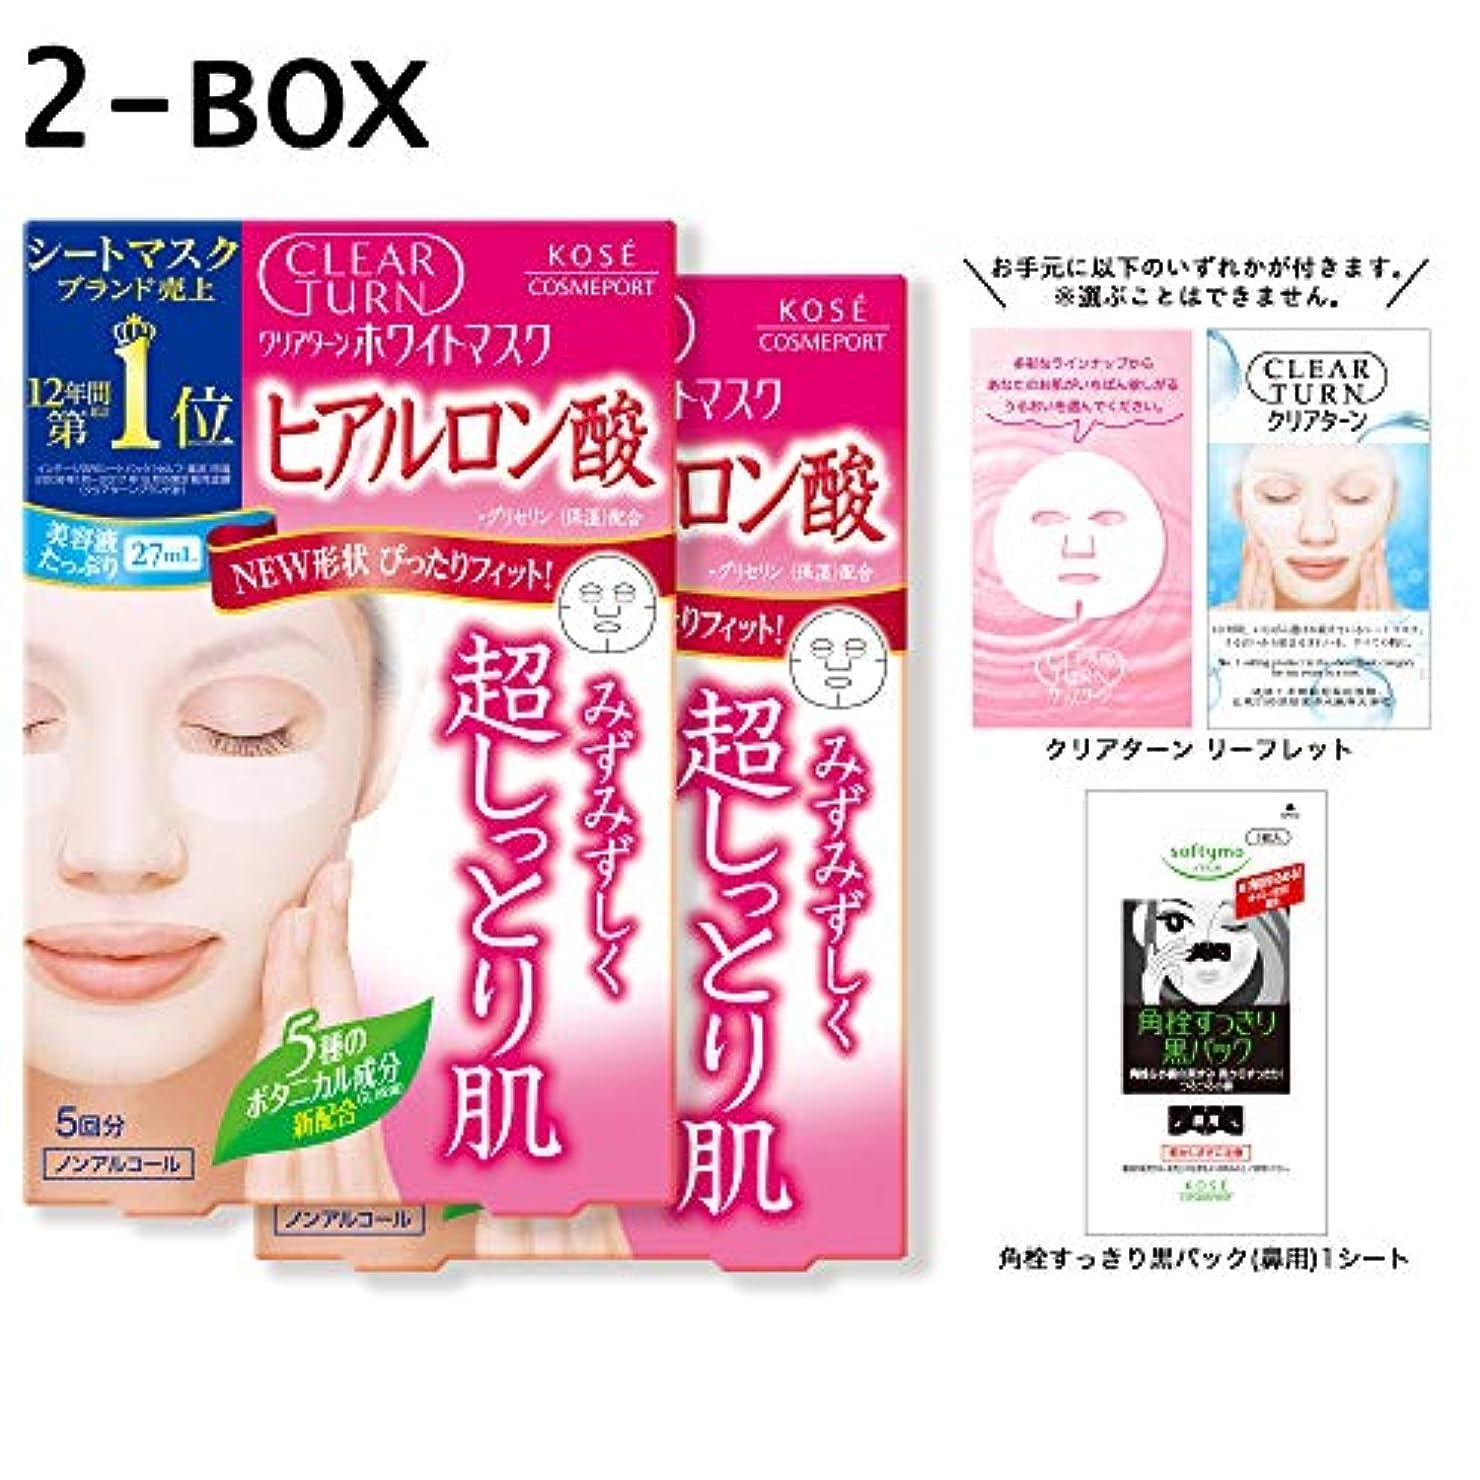 テロリスト分数さらに【Amazon.co.jp限定】KOSE クリアターン ホワイト マスク HA (ヒアルロン酸) 5回分 2P+おまけ付 フェイスマスク